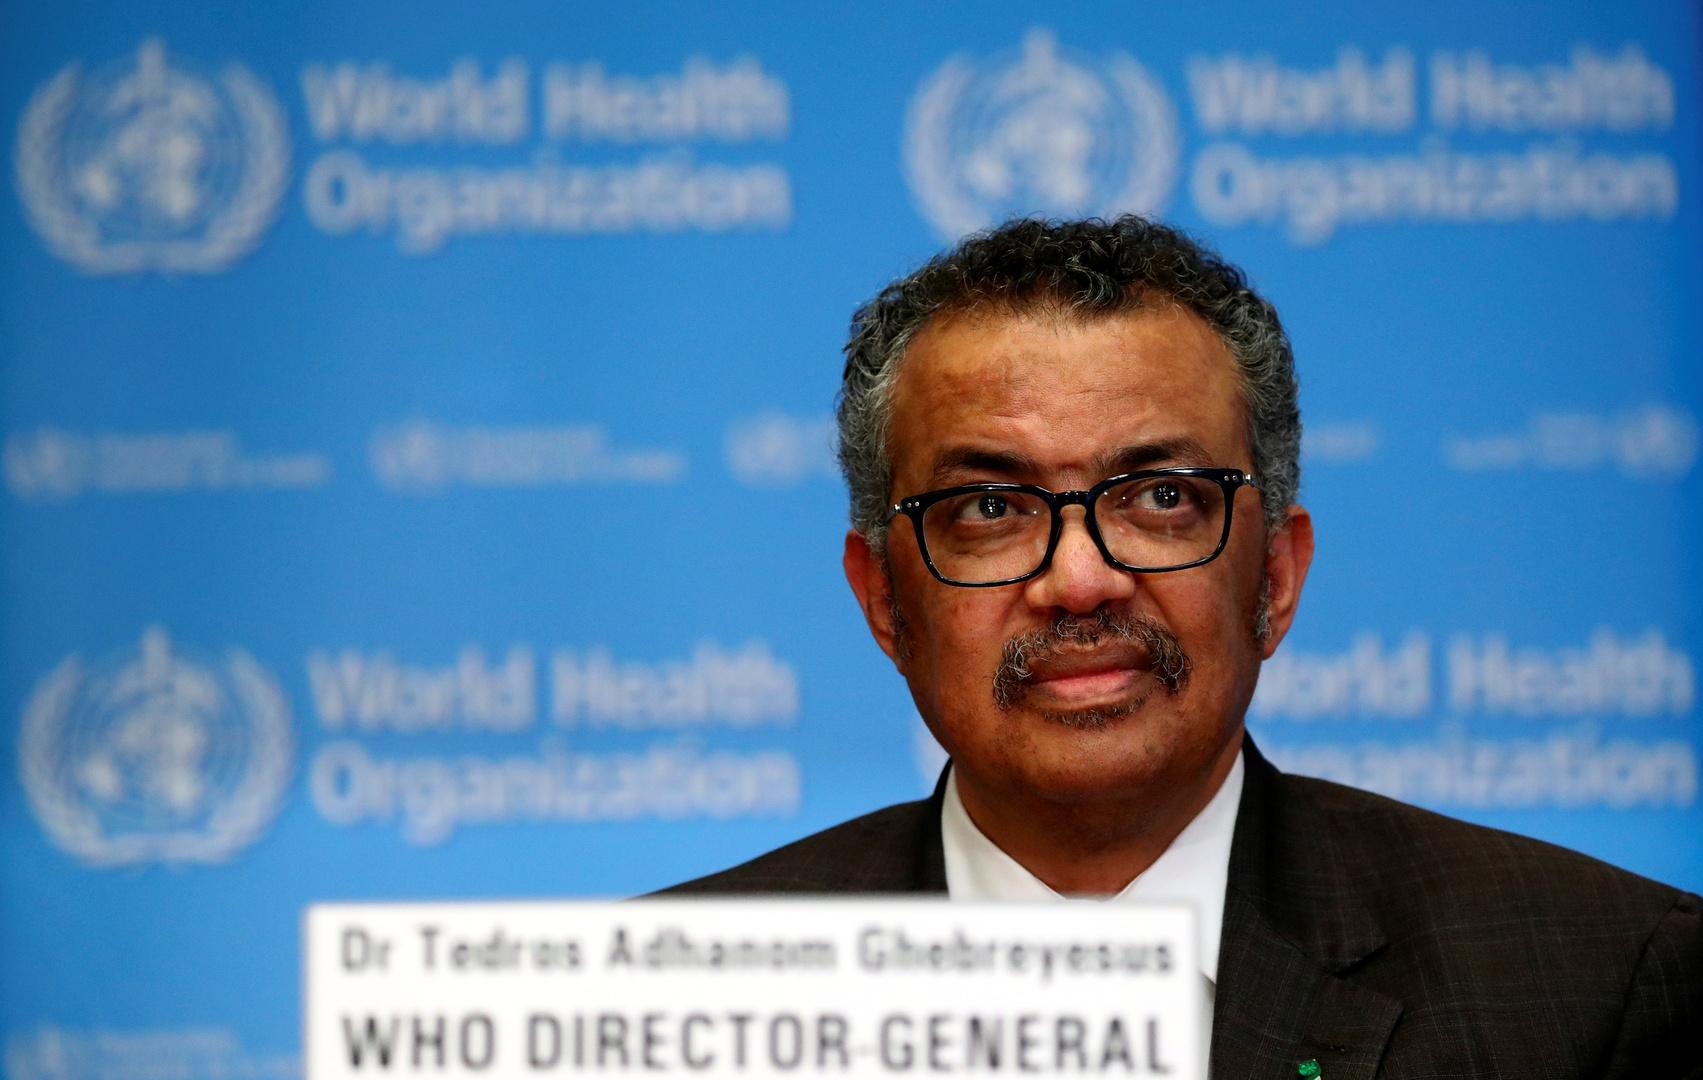 تقارير مرعبة حول وتائر كورونا.. الصحة العالمية تعلن دخول العالم مرحلة جديدة وخطيرة